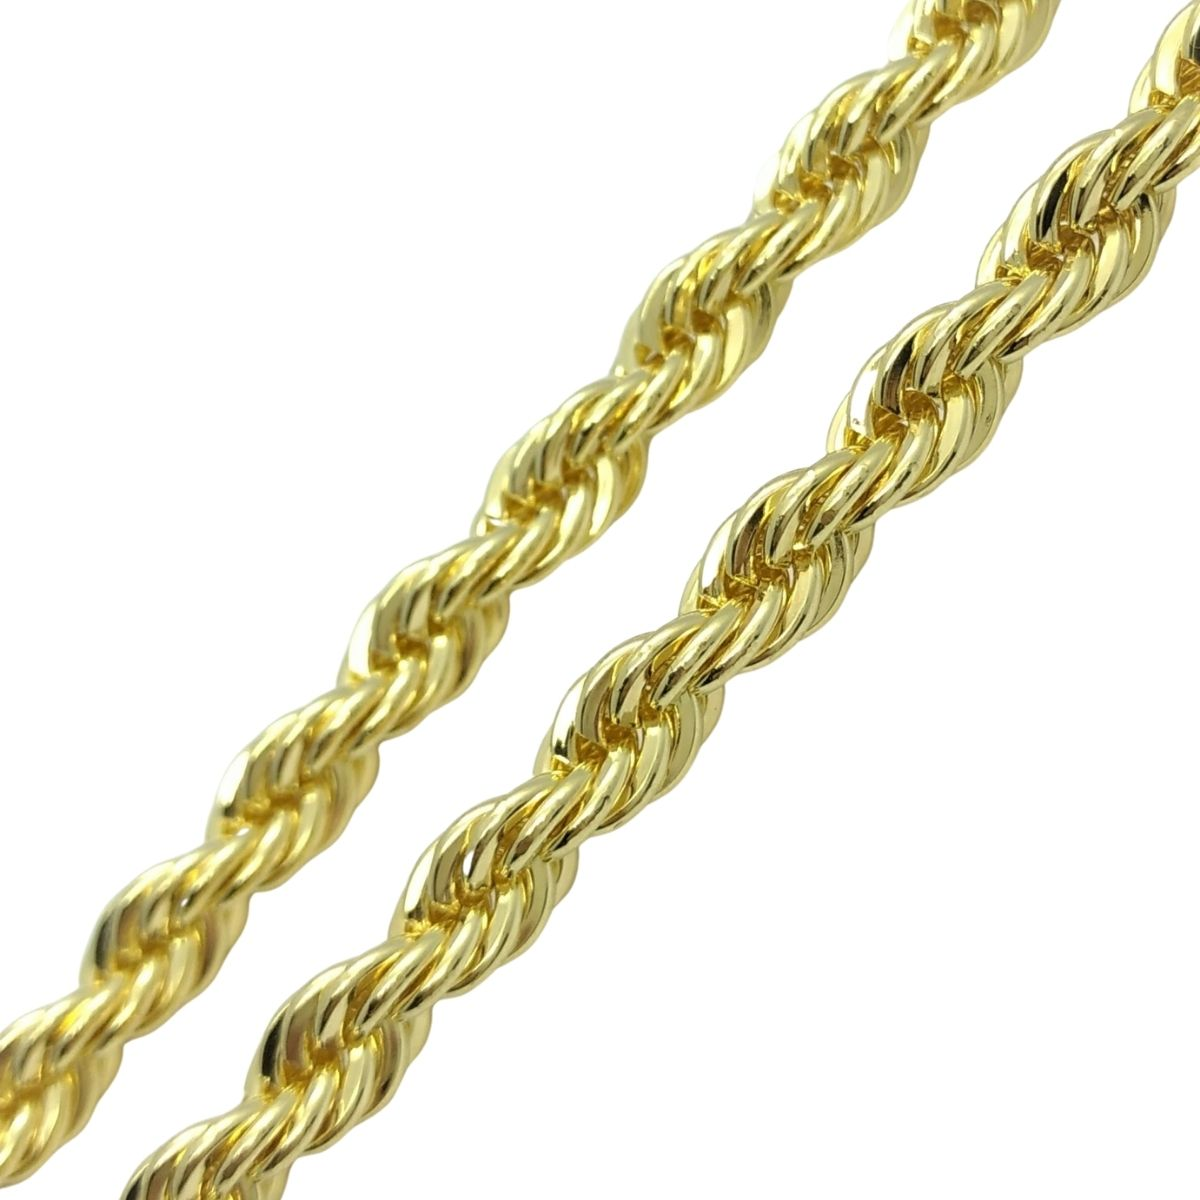 Pulseira Masculina Cordão Baiano 6.0 23cm Banho De Ouro 18k 2354